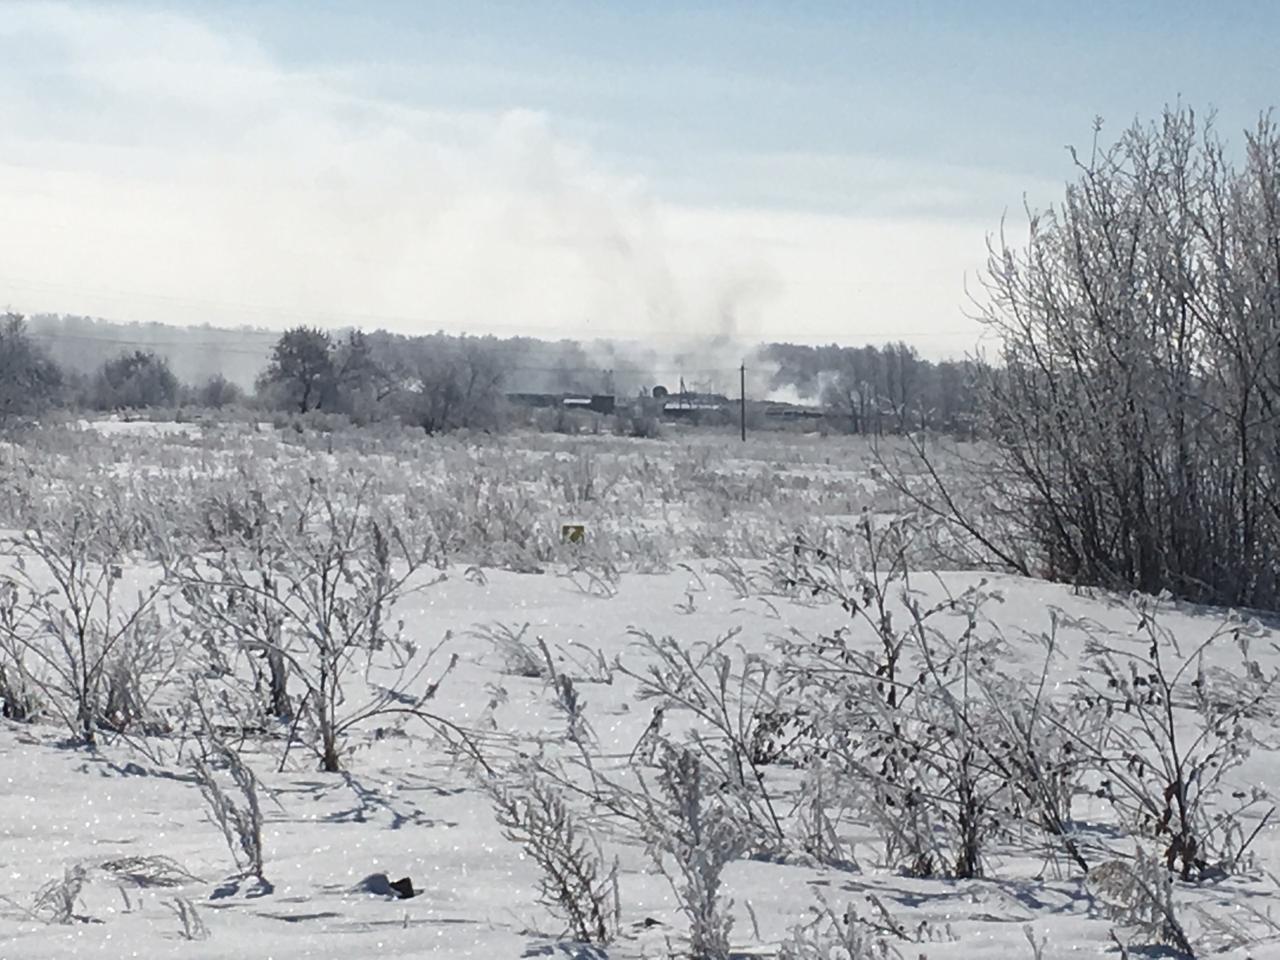 Жители коркинского поселка Роза (Челябинская область) по-прежнему в большой беде. Свалка, а точне